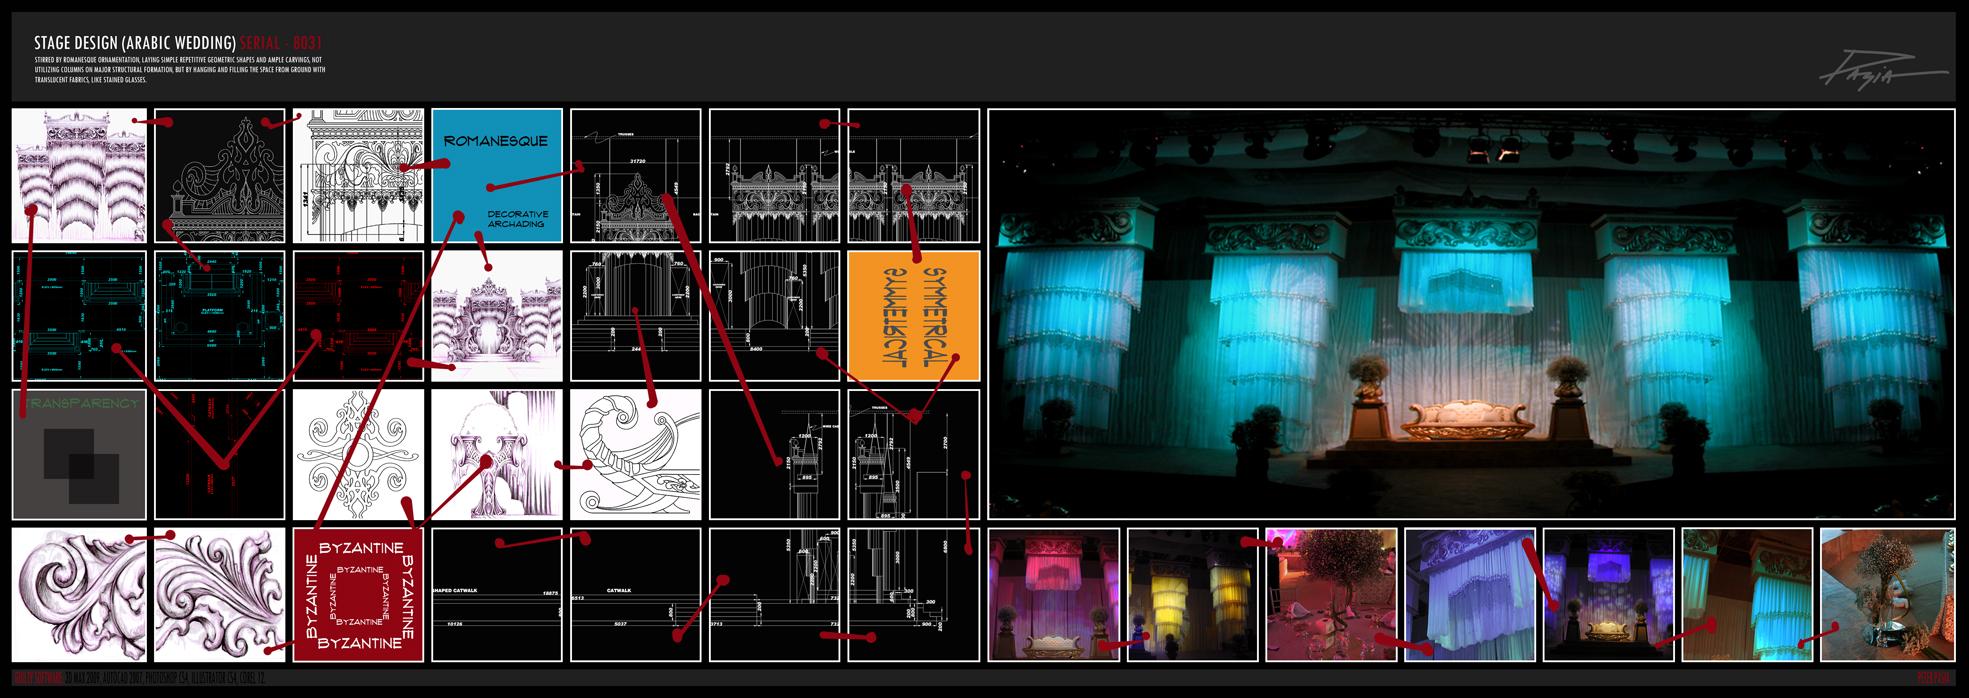 Arabic Wedding Stage Design Stage Design Arabic Wedding